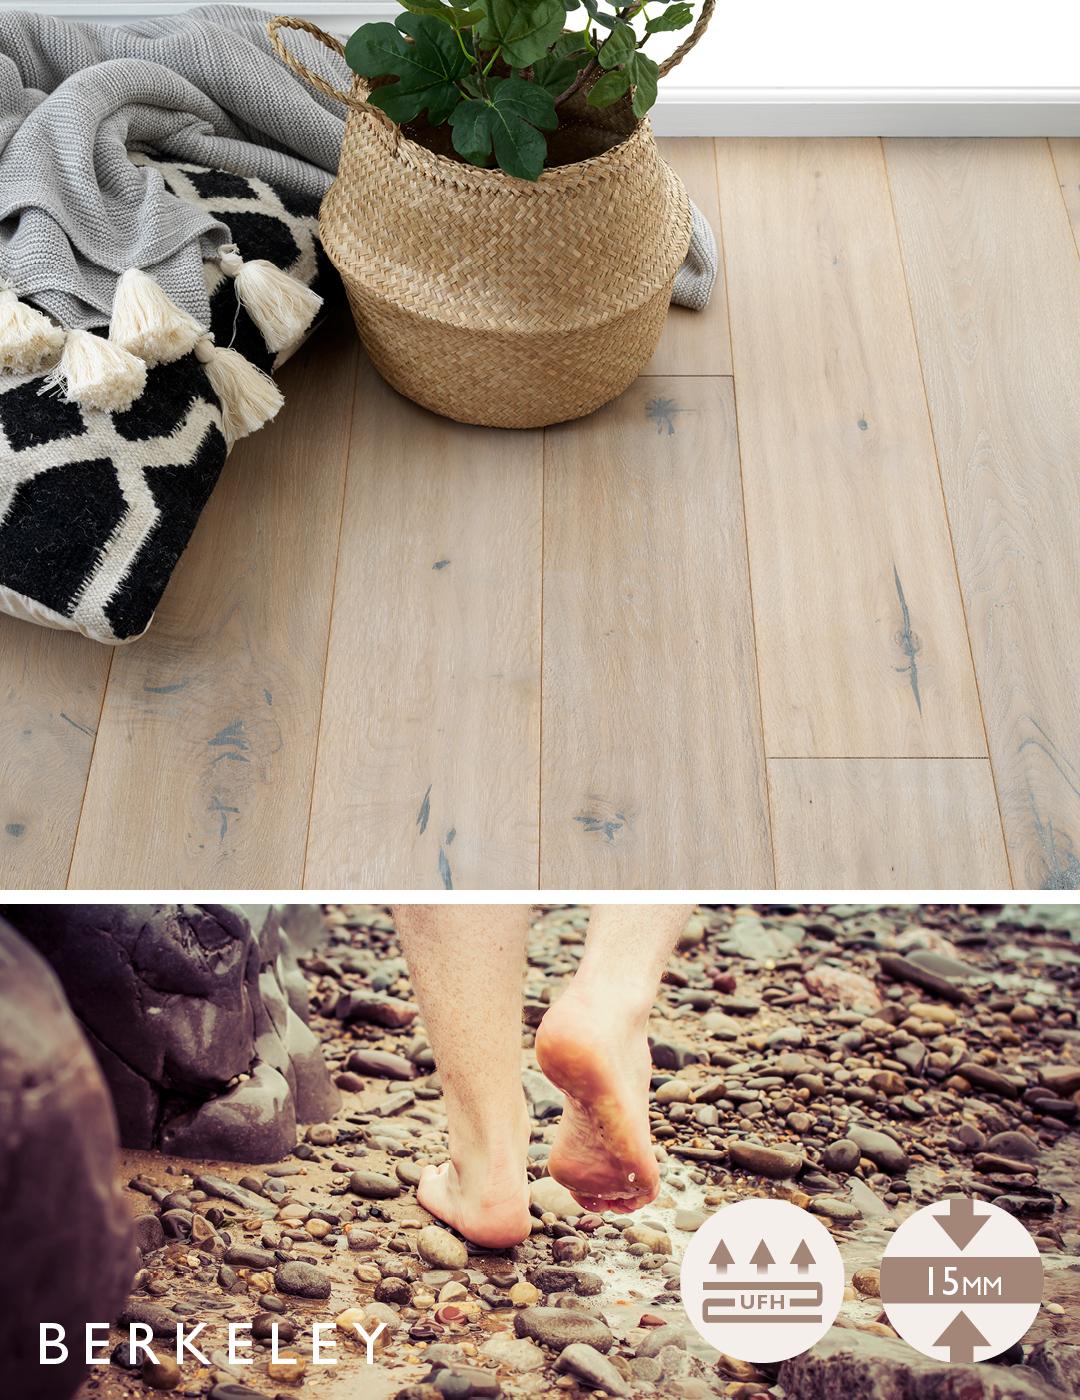 engineered wood flooring berkeley